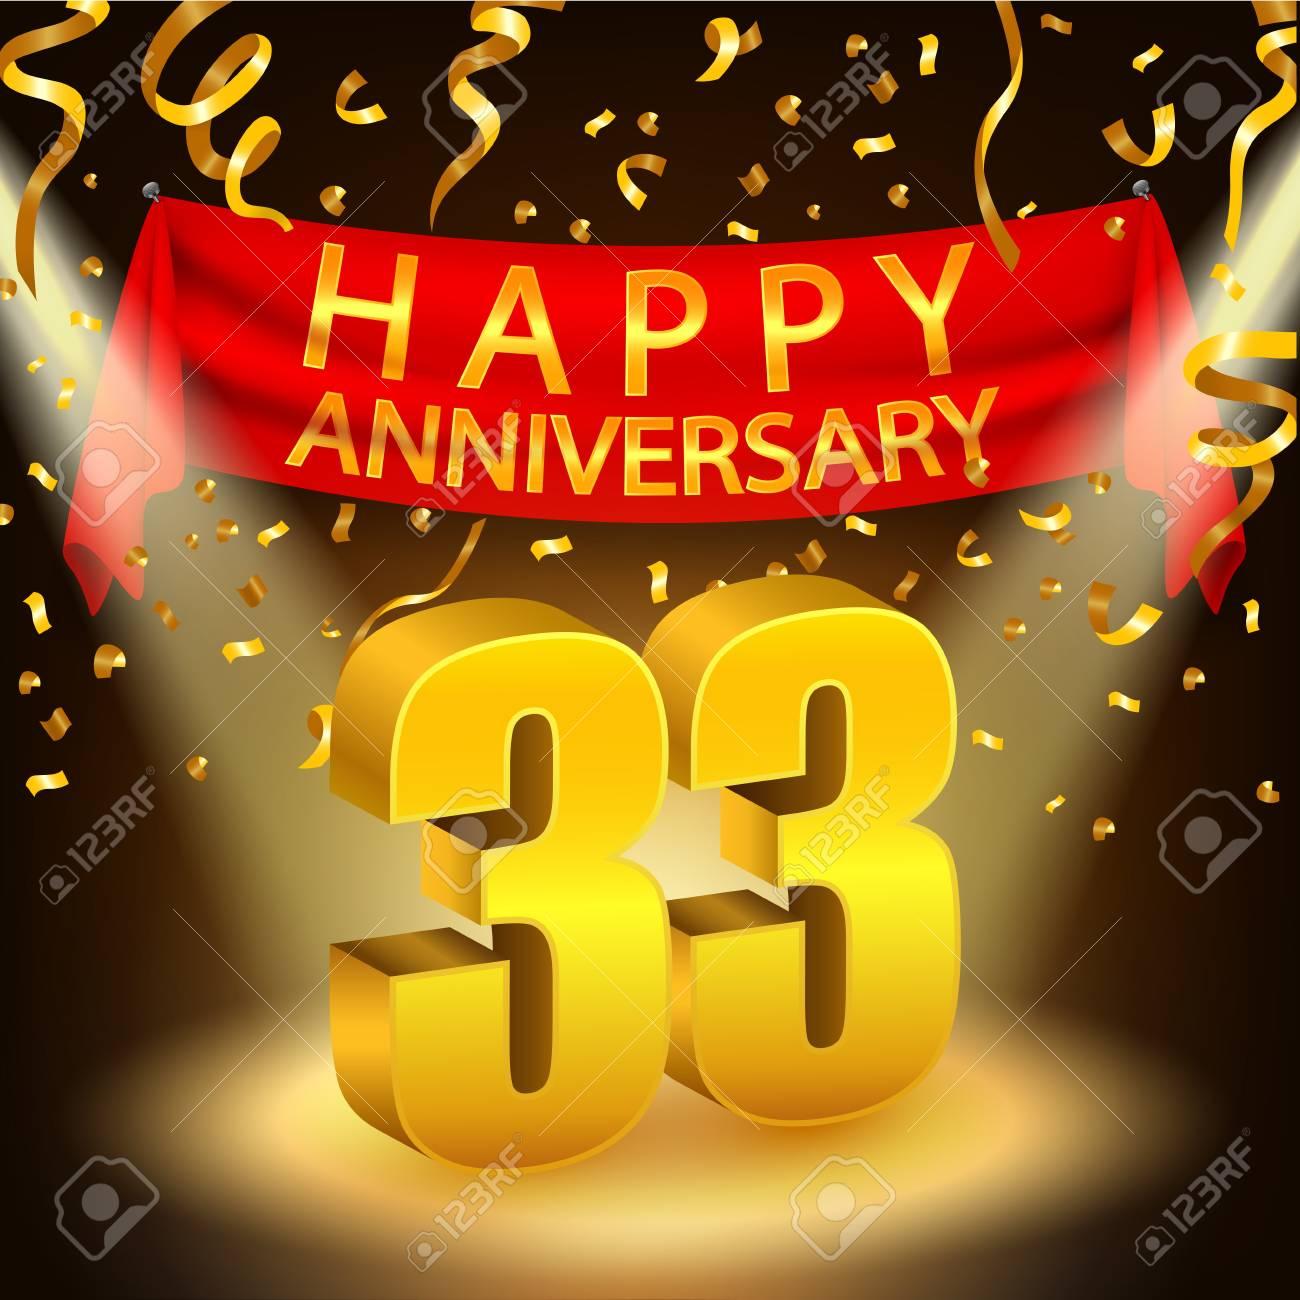 Anniversario Matrimonio 33 Anni.Vettoriale Felice Celebrazione 33 Anniversario Con Coriandoli